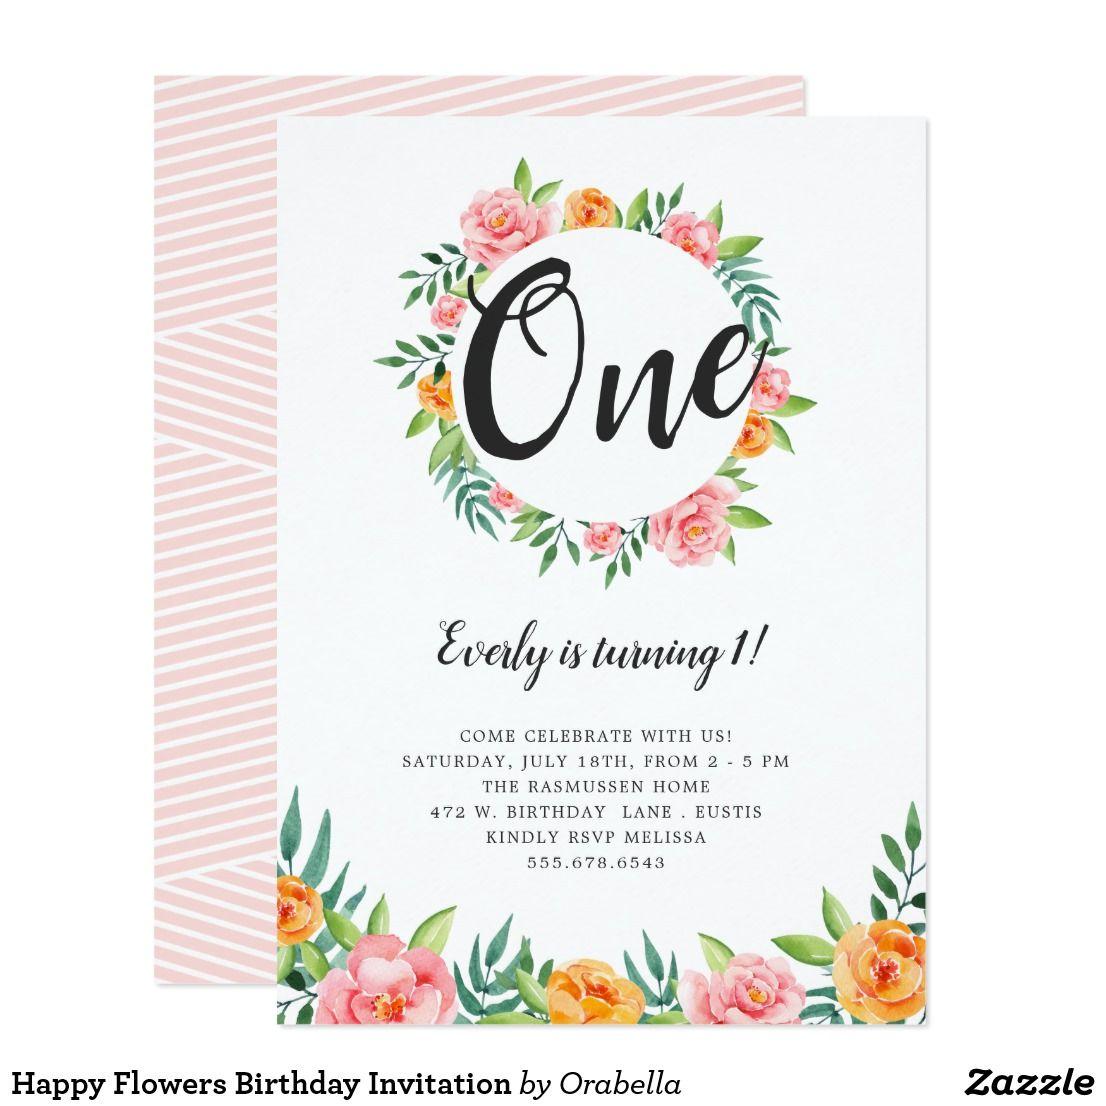 Happy Flowers Birthday Invitation | Flower birthday and Birthdays